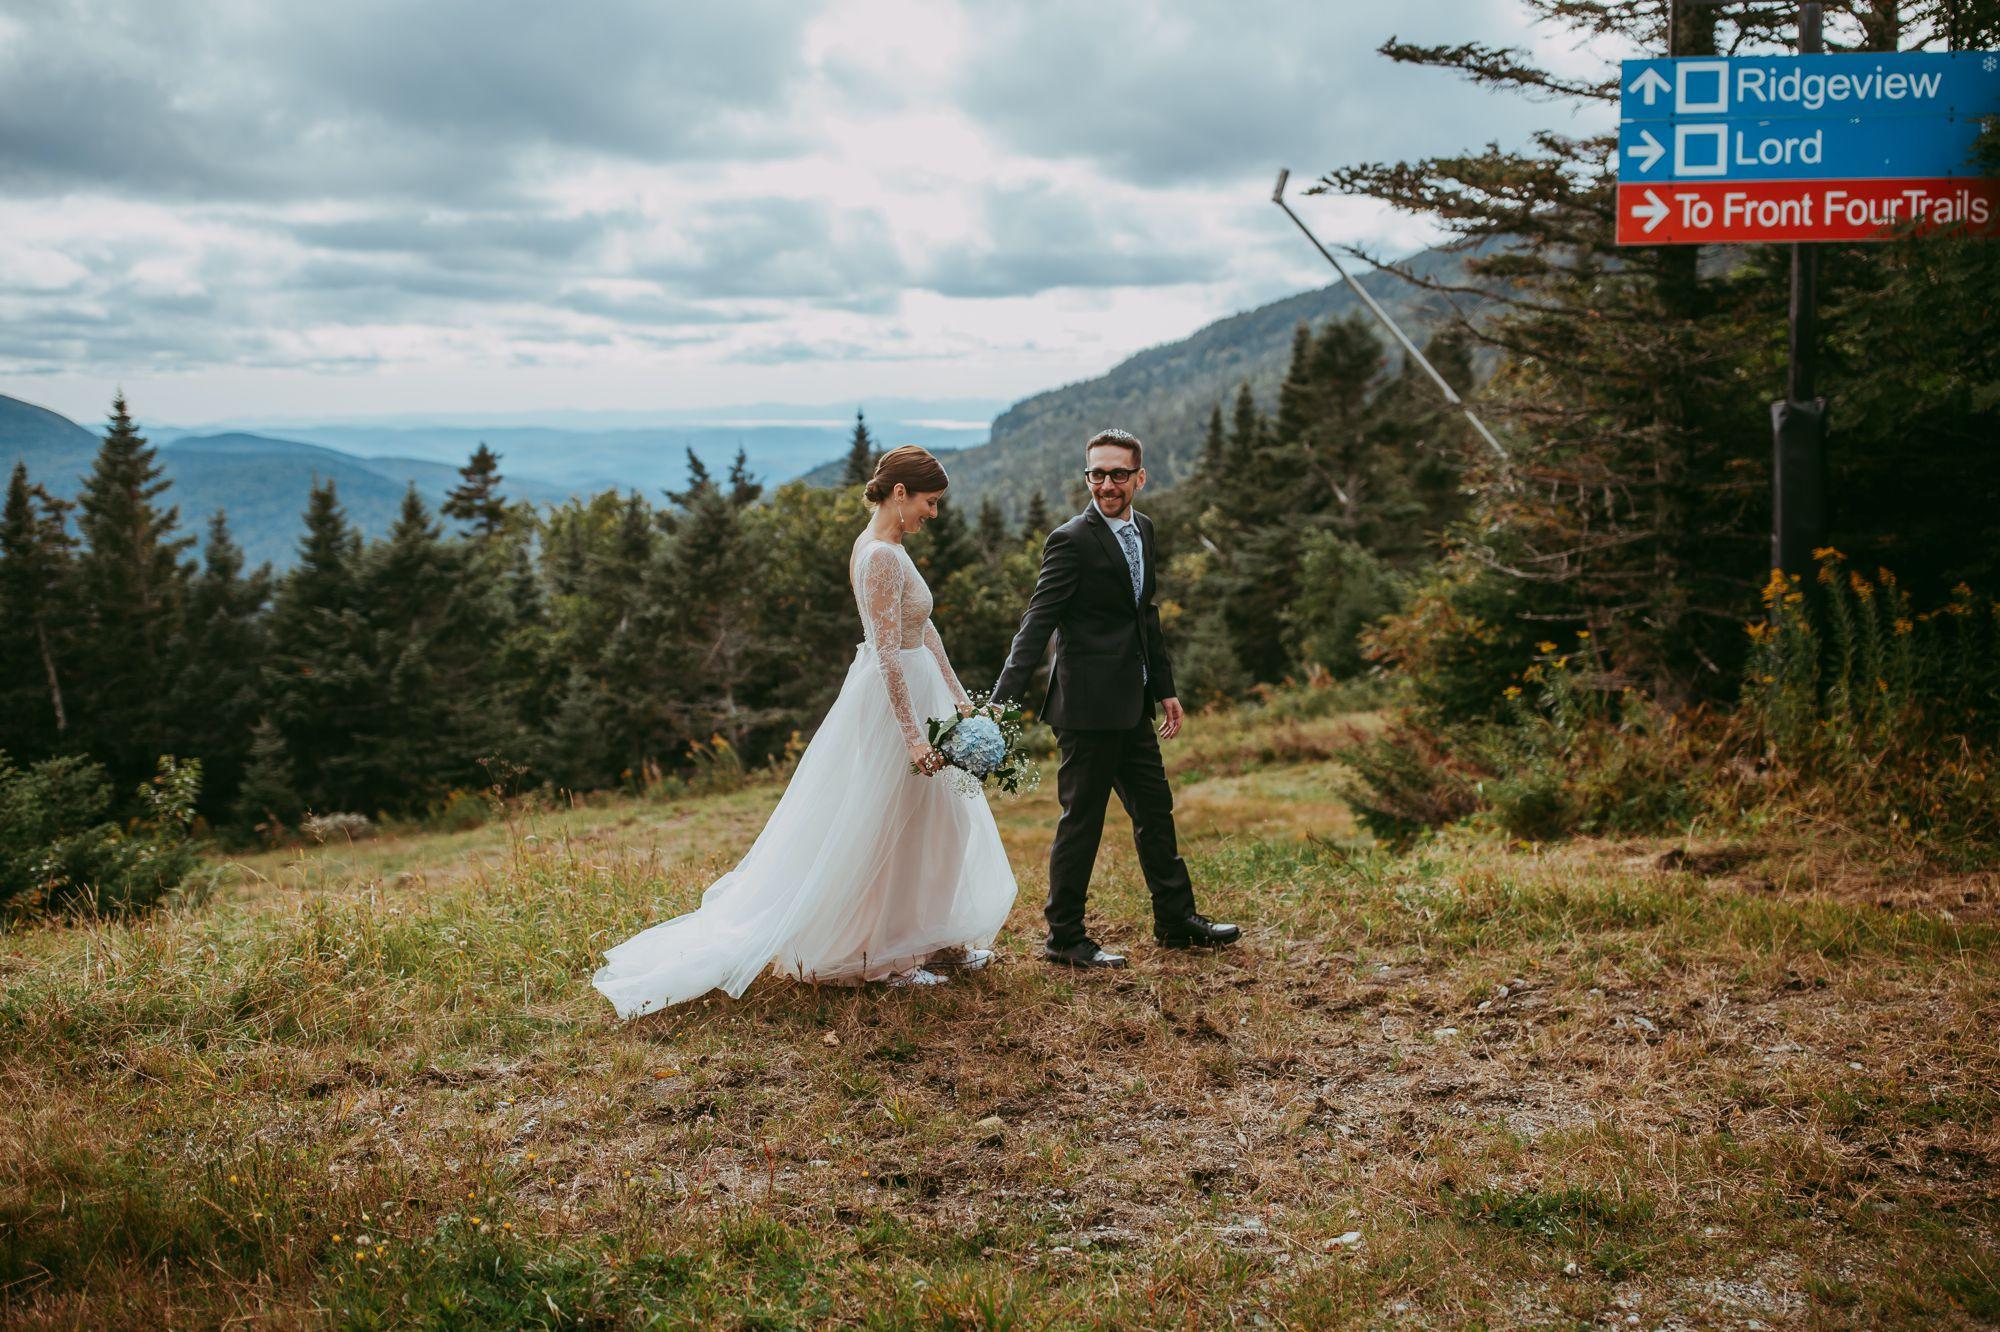 Mt Mansfield Wedding Bride and Groom Walking